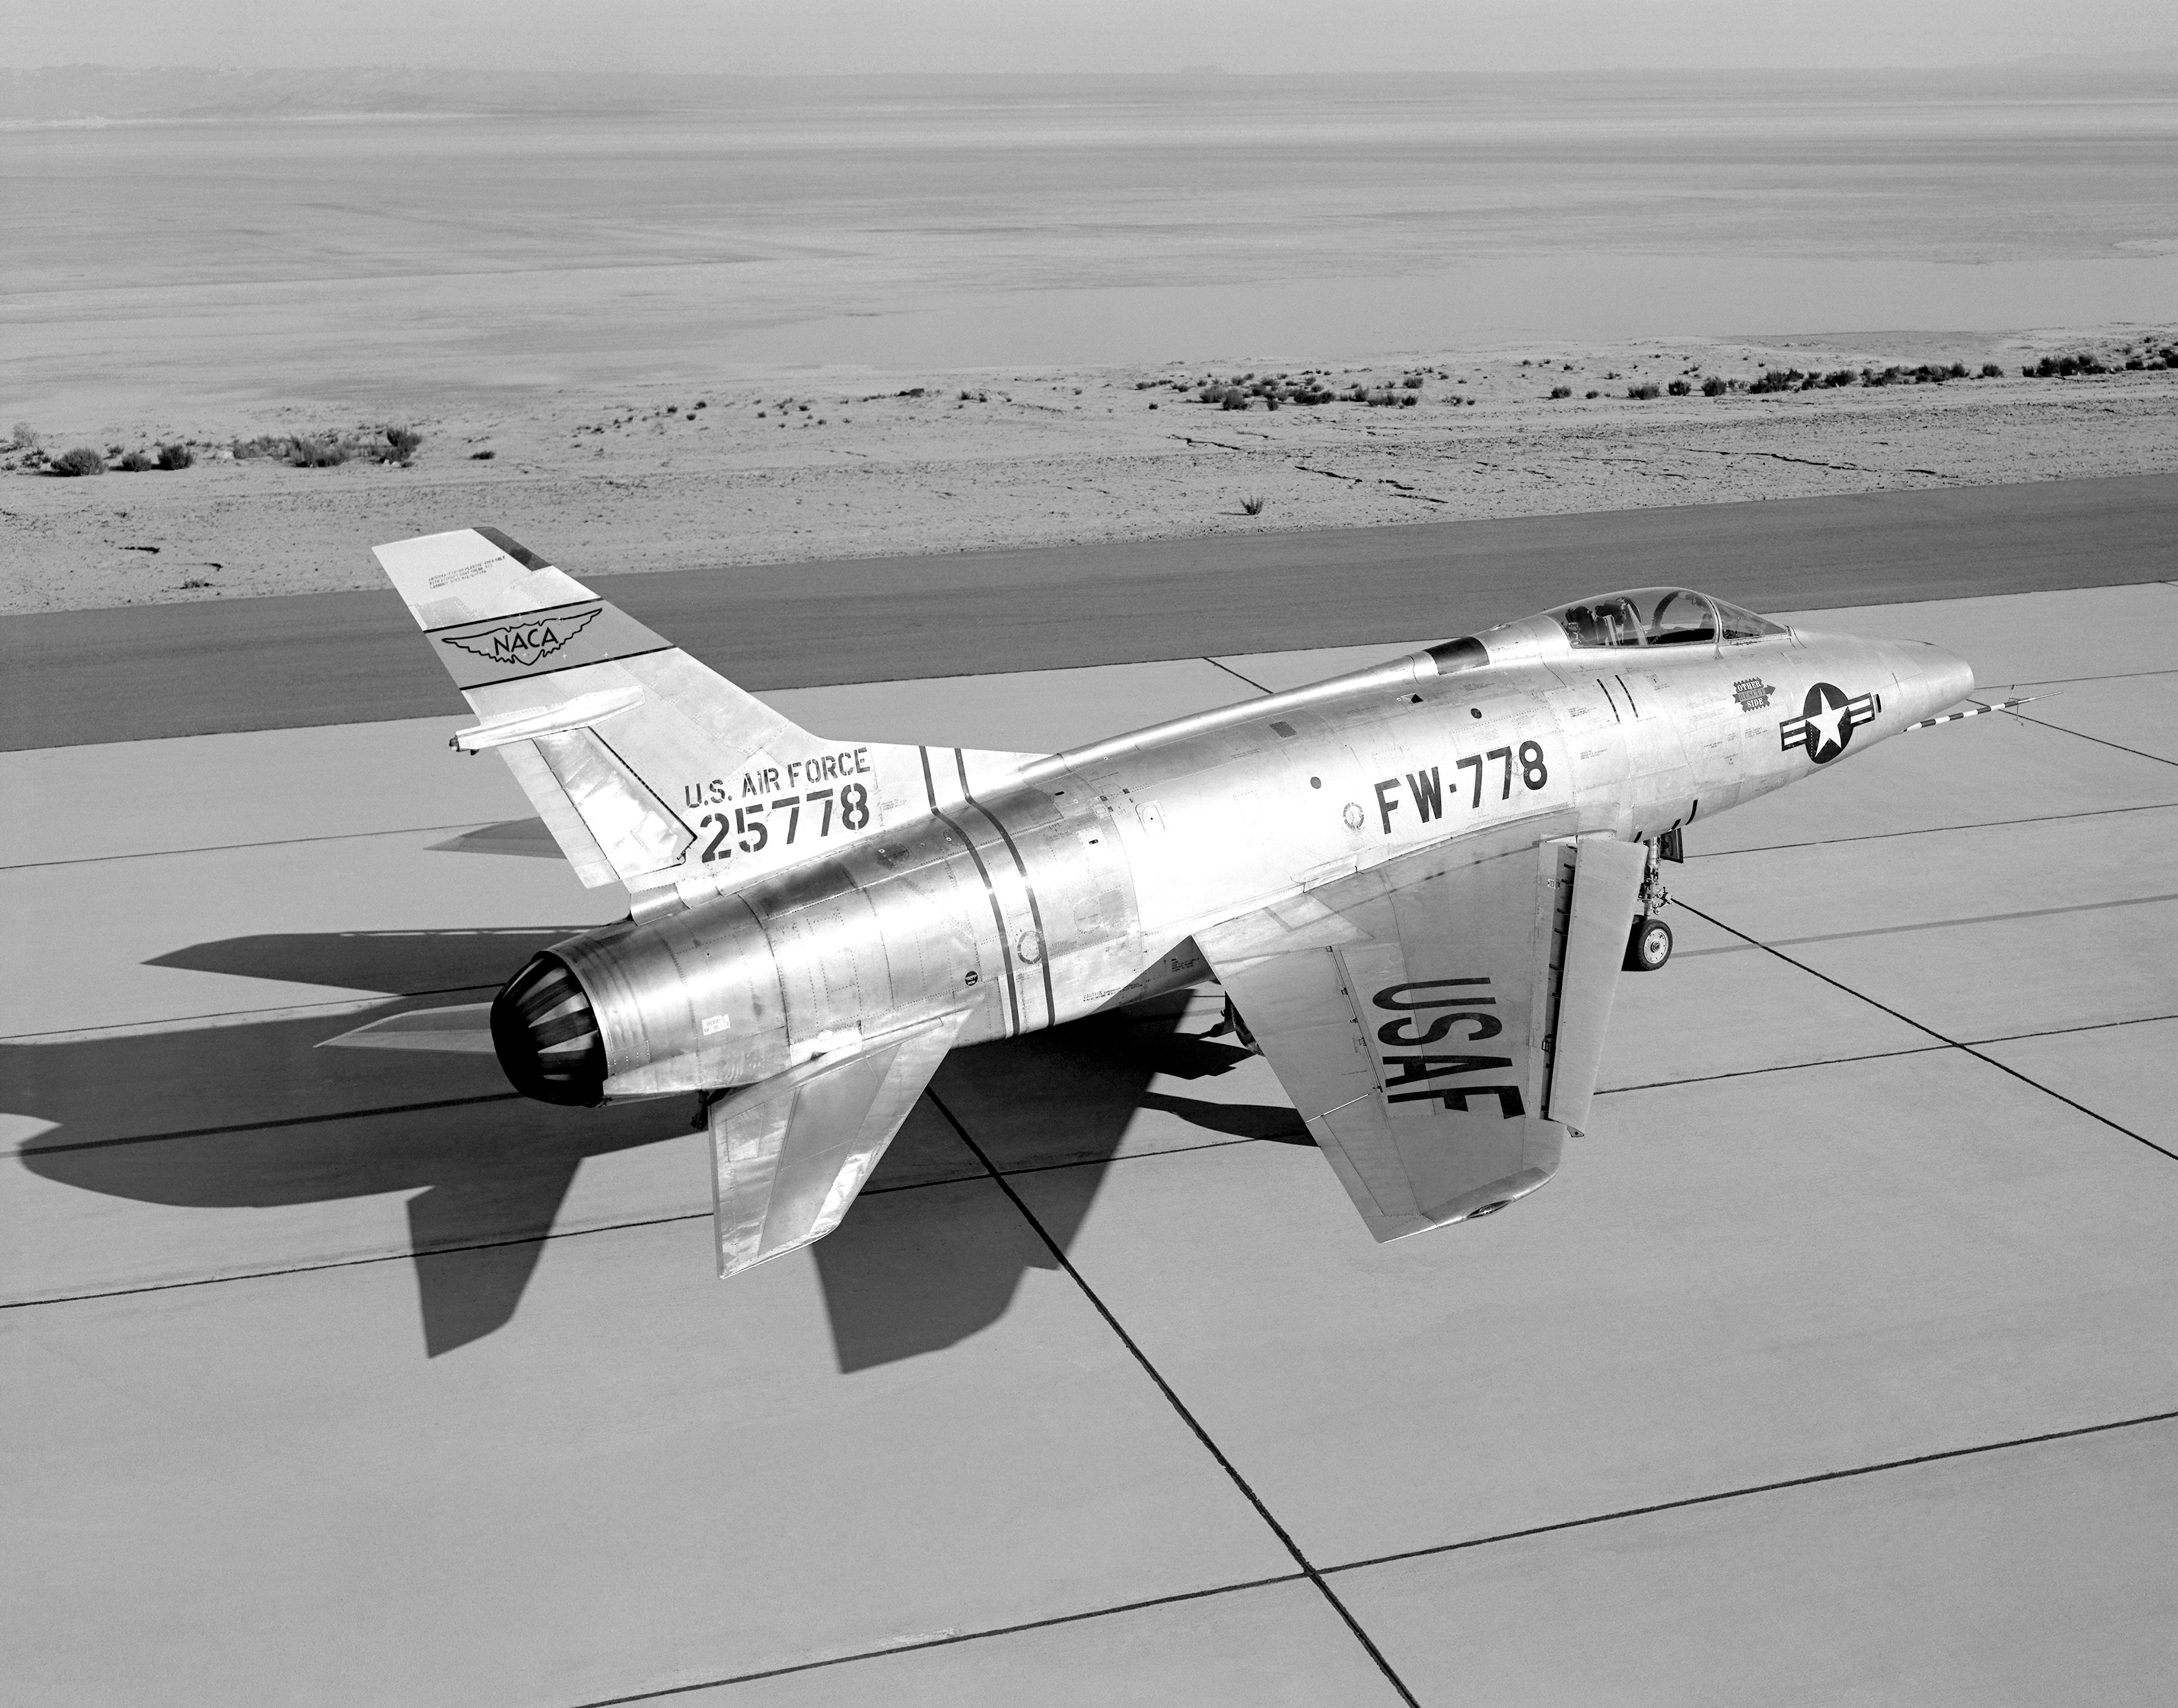 Bob Hoover's F-100 Super Sabre Crash Landing - How He ...